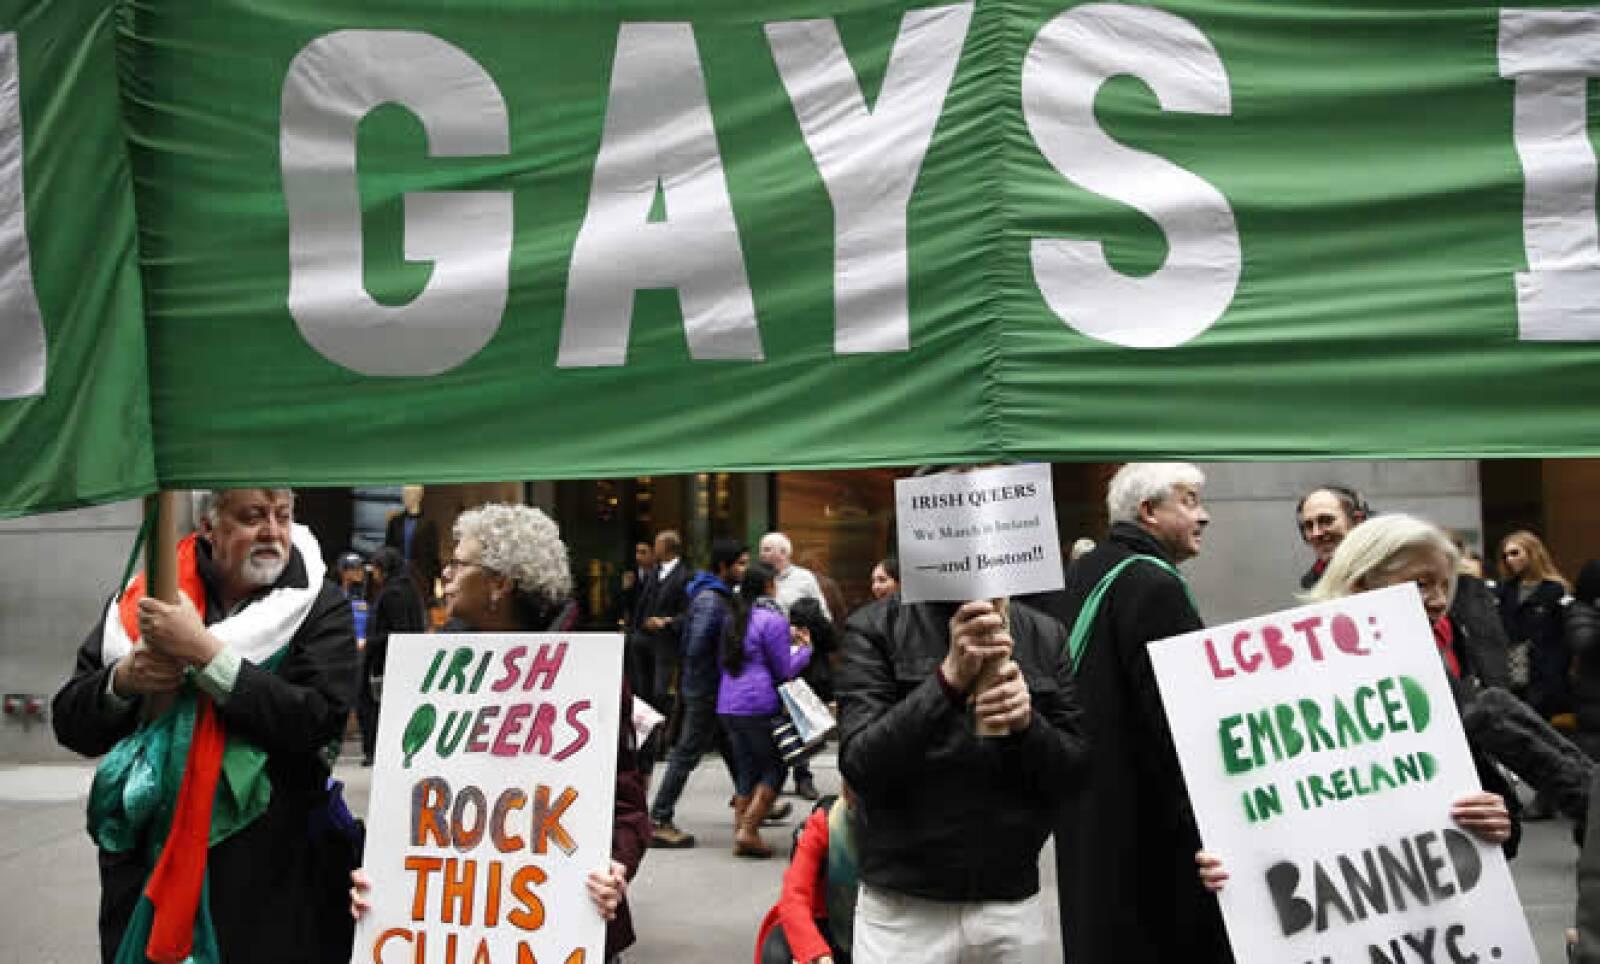 El tradicional desfile en Nueva York incluyó por primera vez un grupo gay que se sumó con carteles con tréboles y arcoíris.